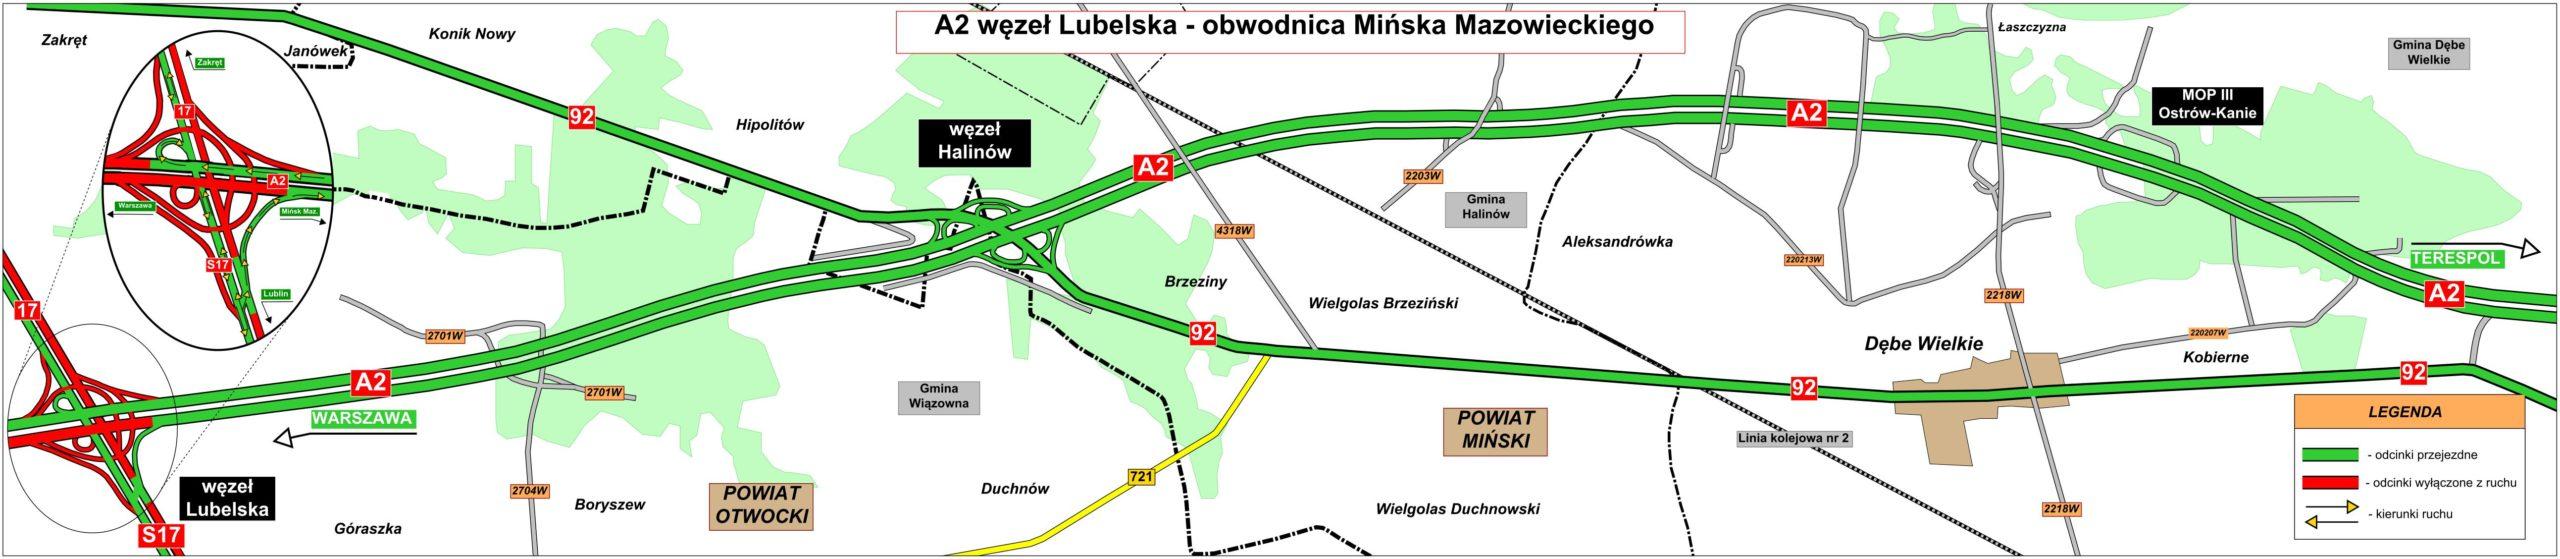 Mapa drogi dojazdowej z Mińska Mazowieckiego do Warszawy na nowym odcinku trasy A2